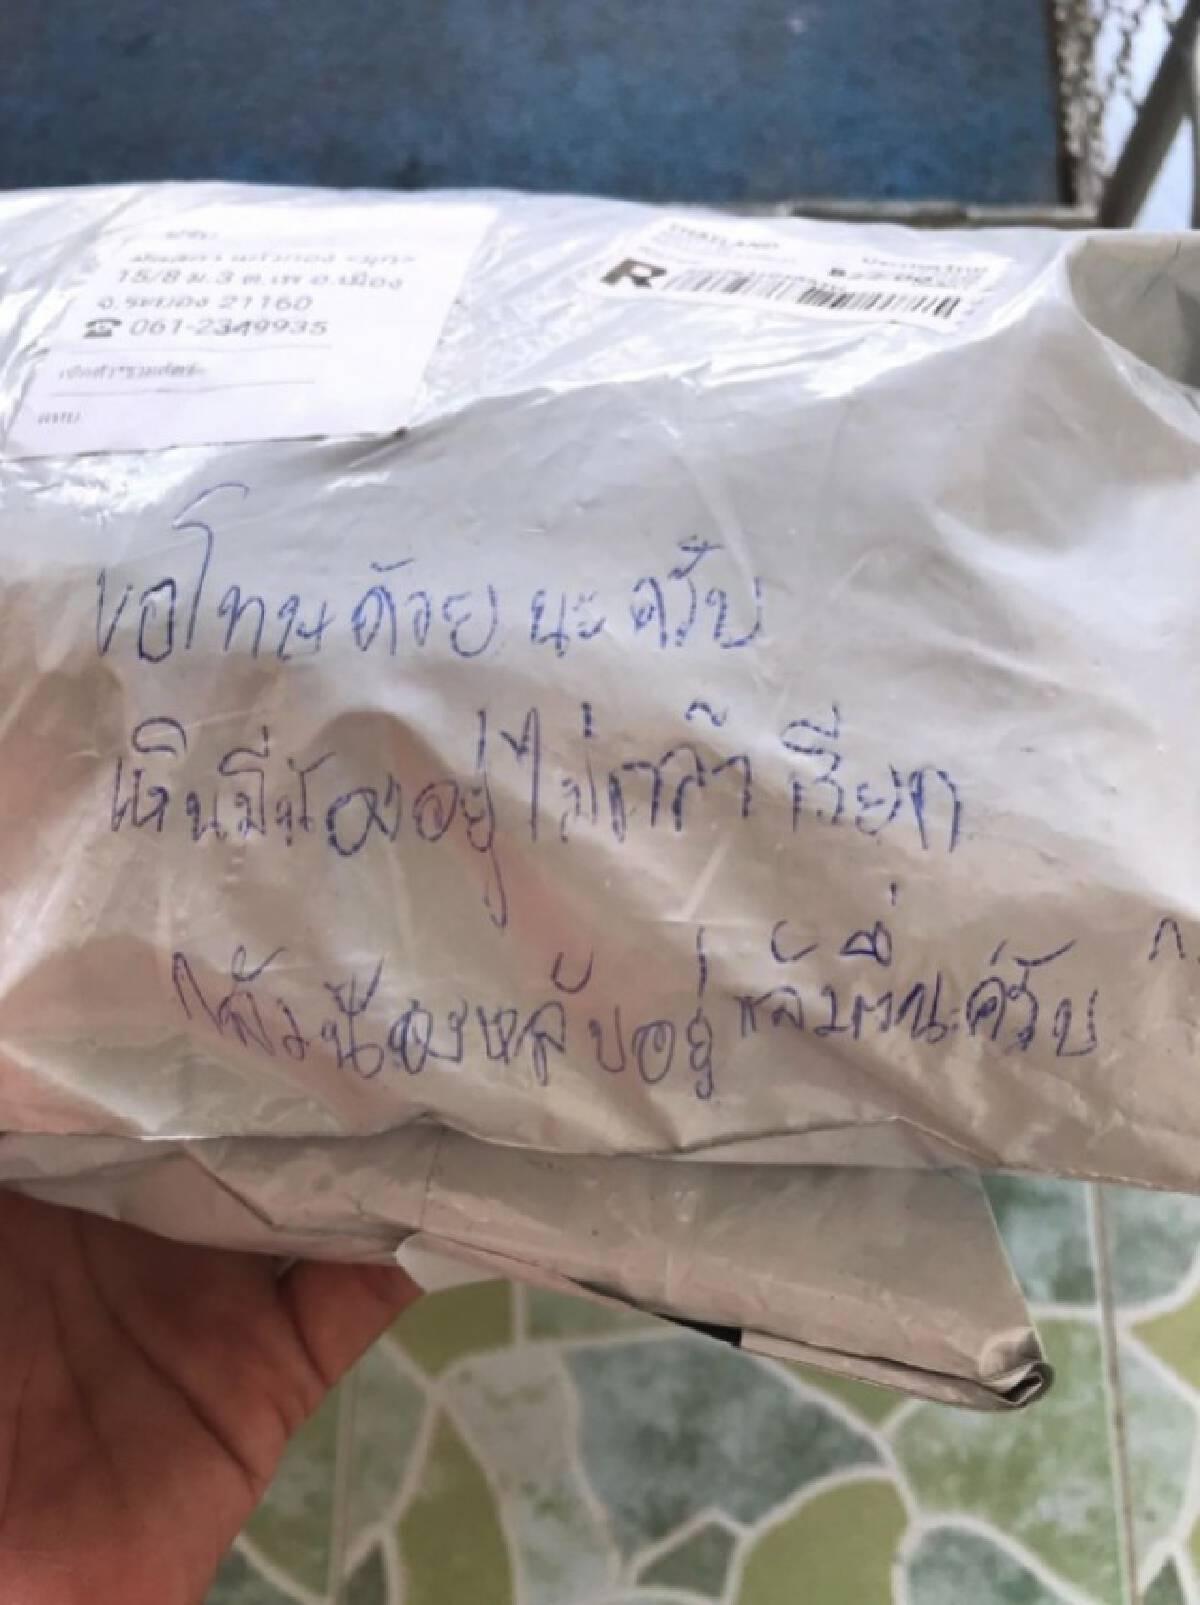 สาวประทับใจ ได้รับของจากไปรษณีย์ เห็นข้อความบนพัสดุแล้วสุดปลื้ม!!